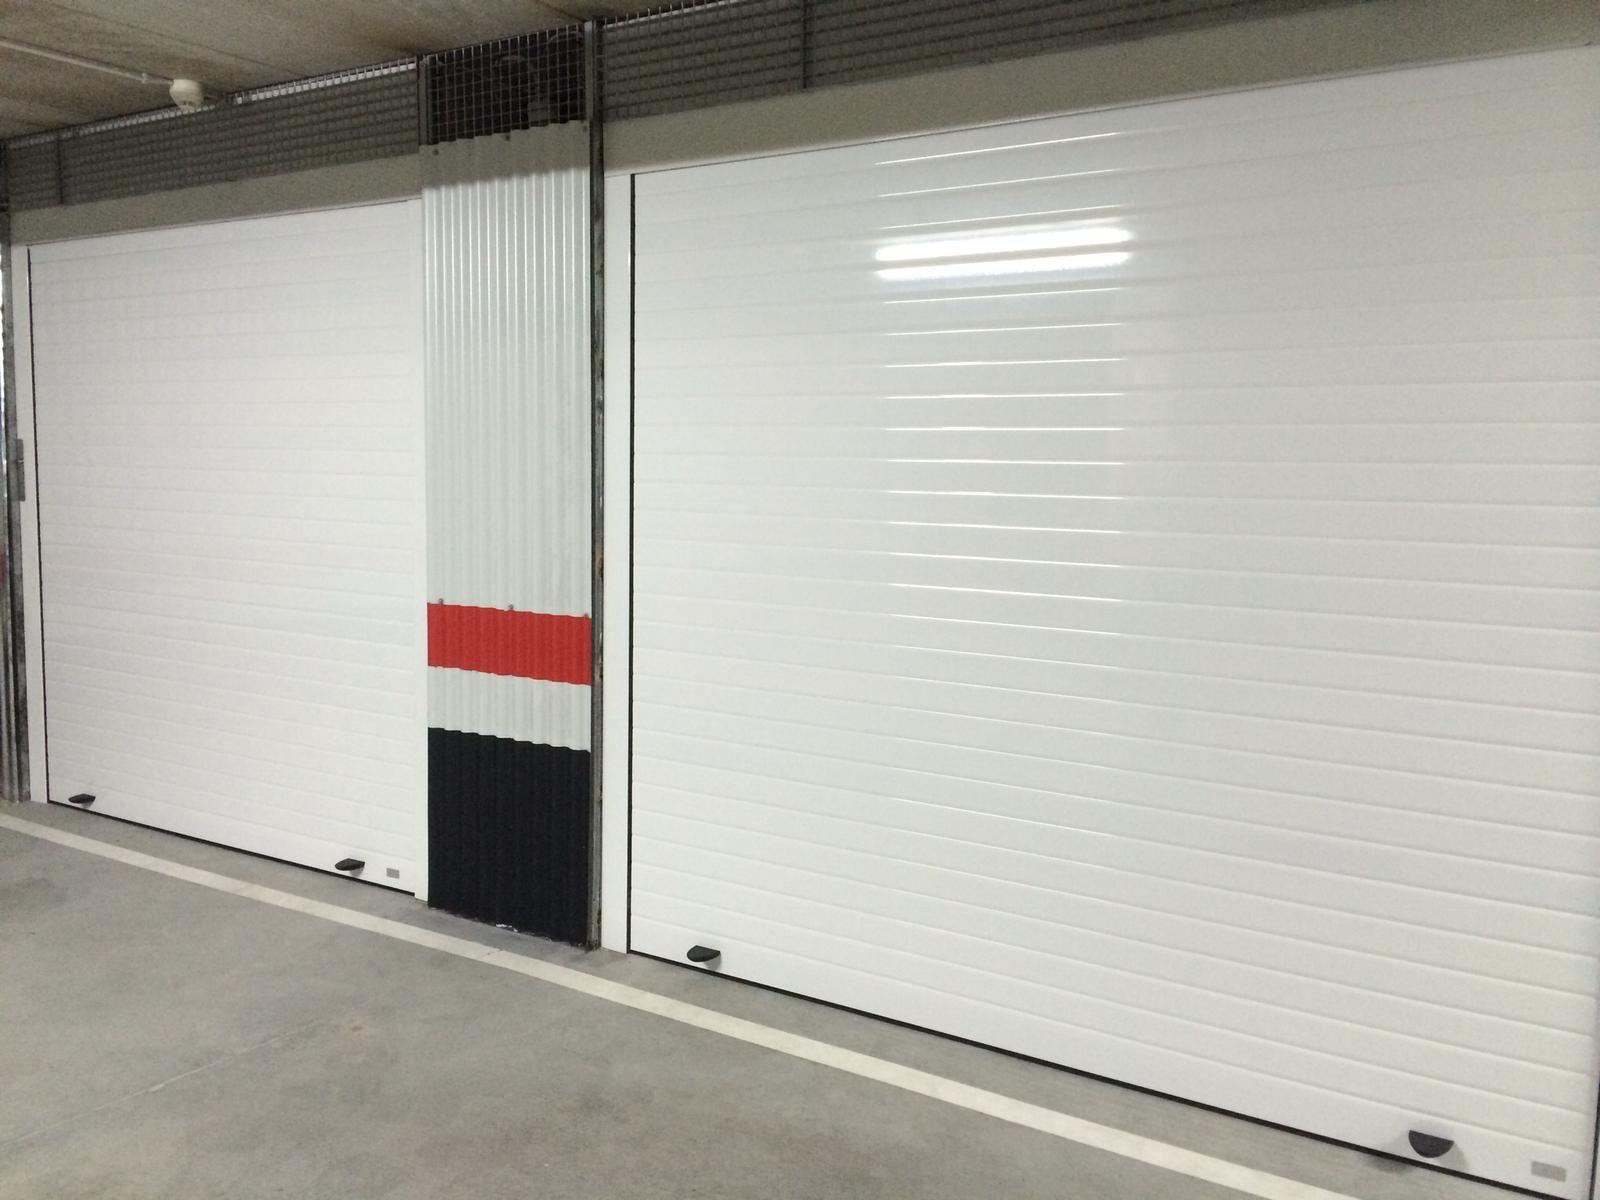 Venta, instalación y reparación de persianas y cierres en Bilbao